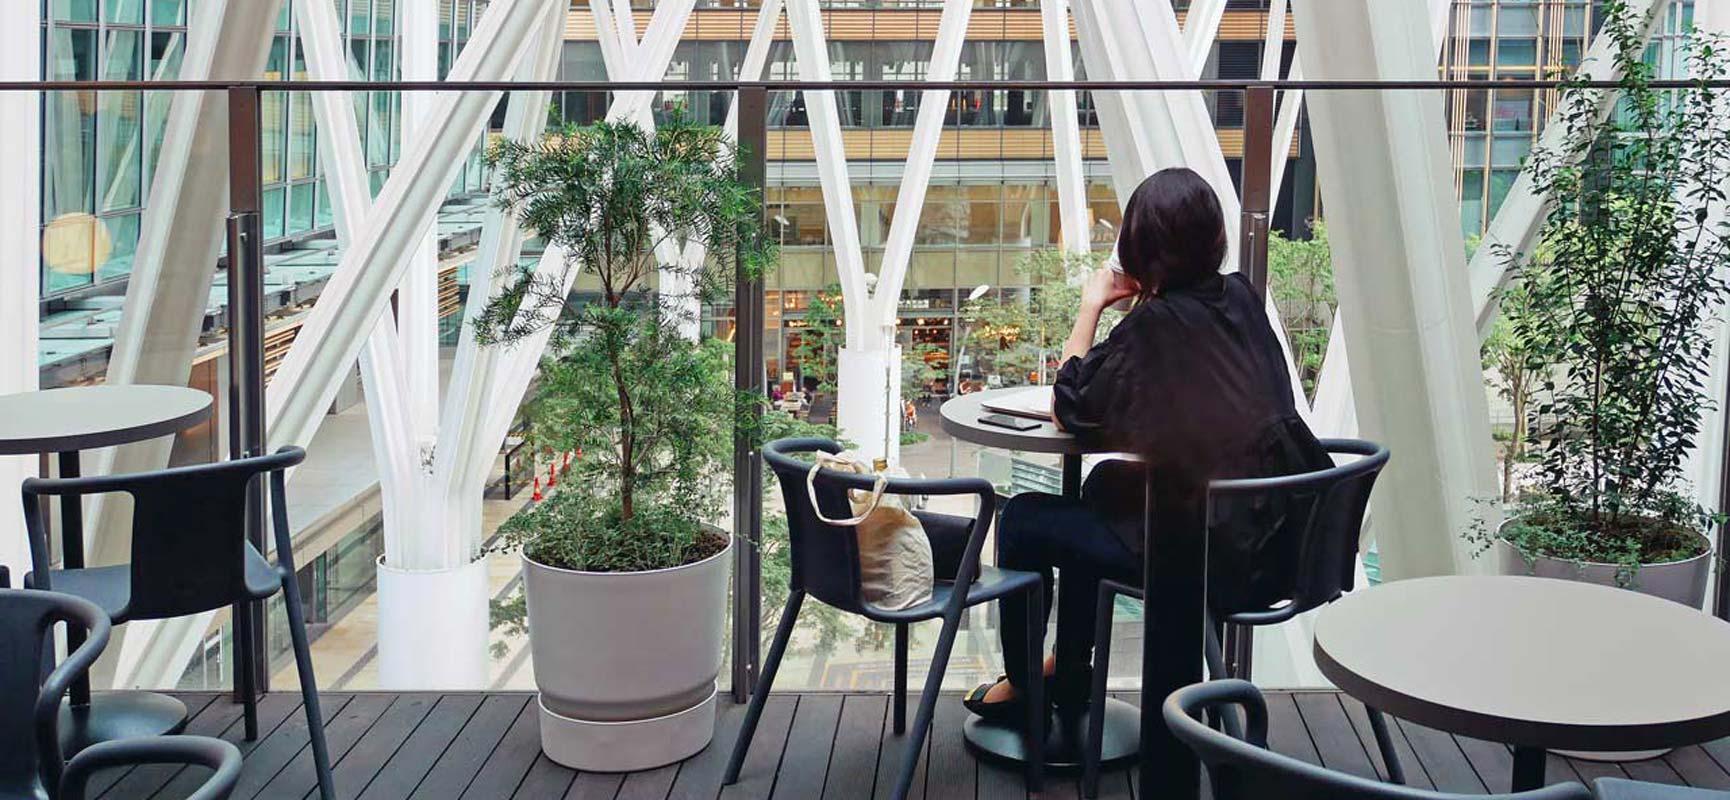 Geschäftskunden - für Unternehmen - Kaffeerösterei Hamburg Public Coffee Roasters